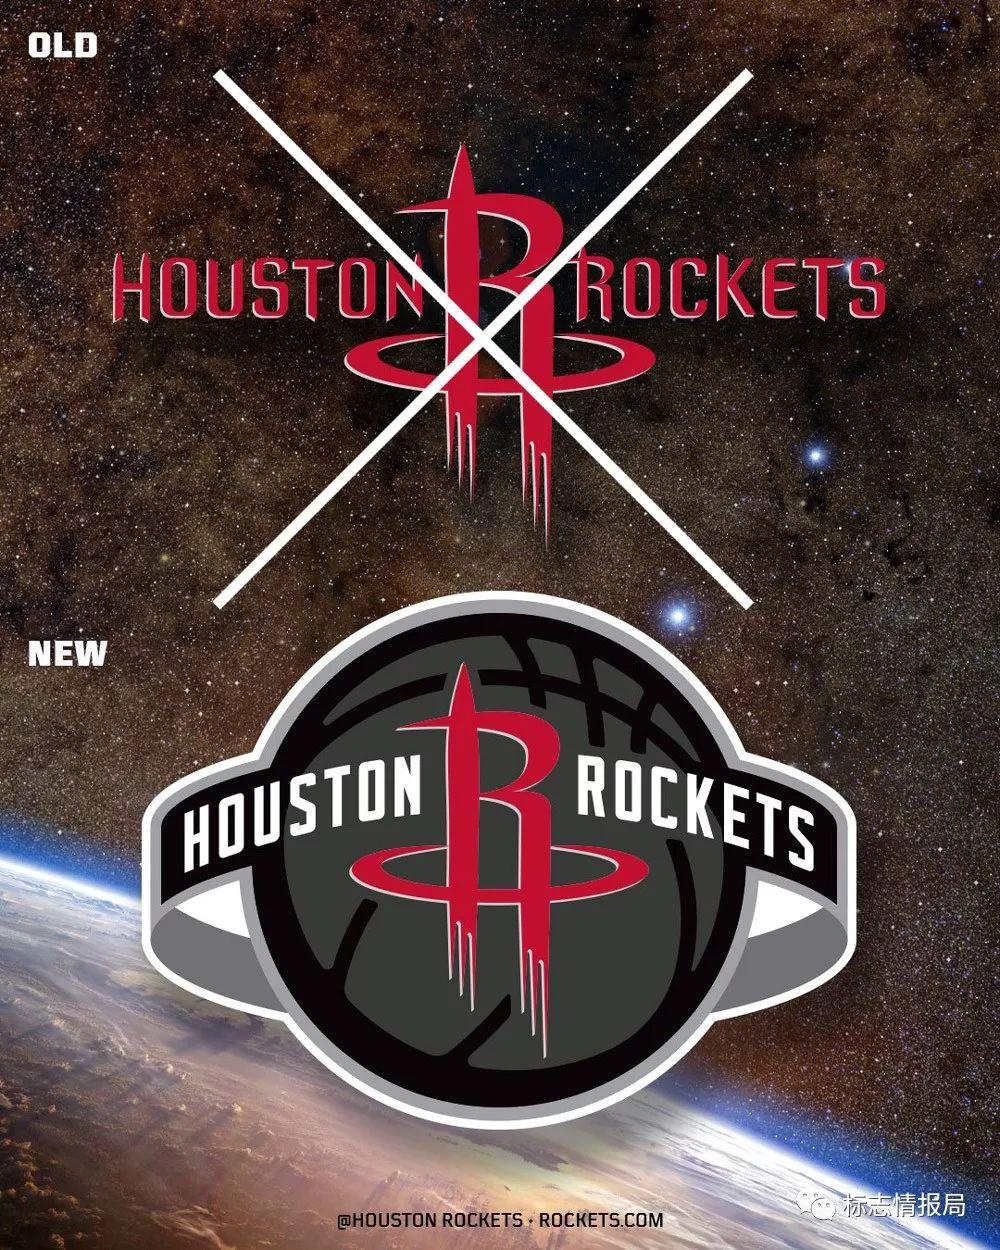 NBA火箭队新LOGO设计, 新旧对比分析